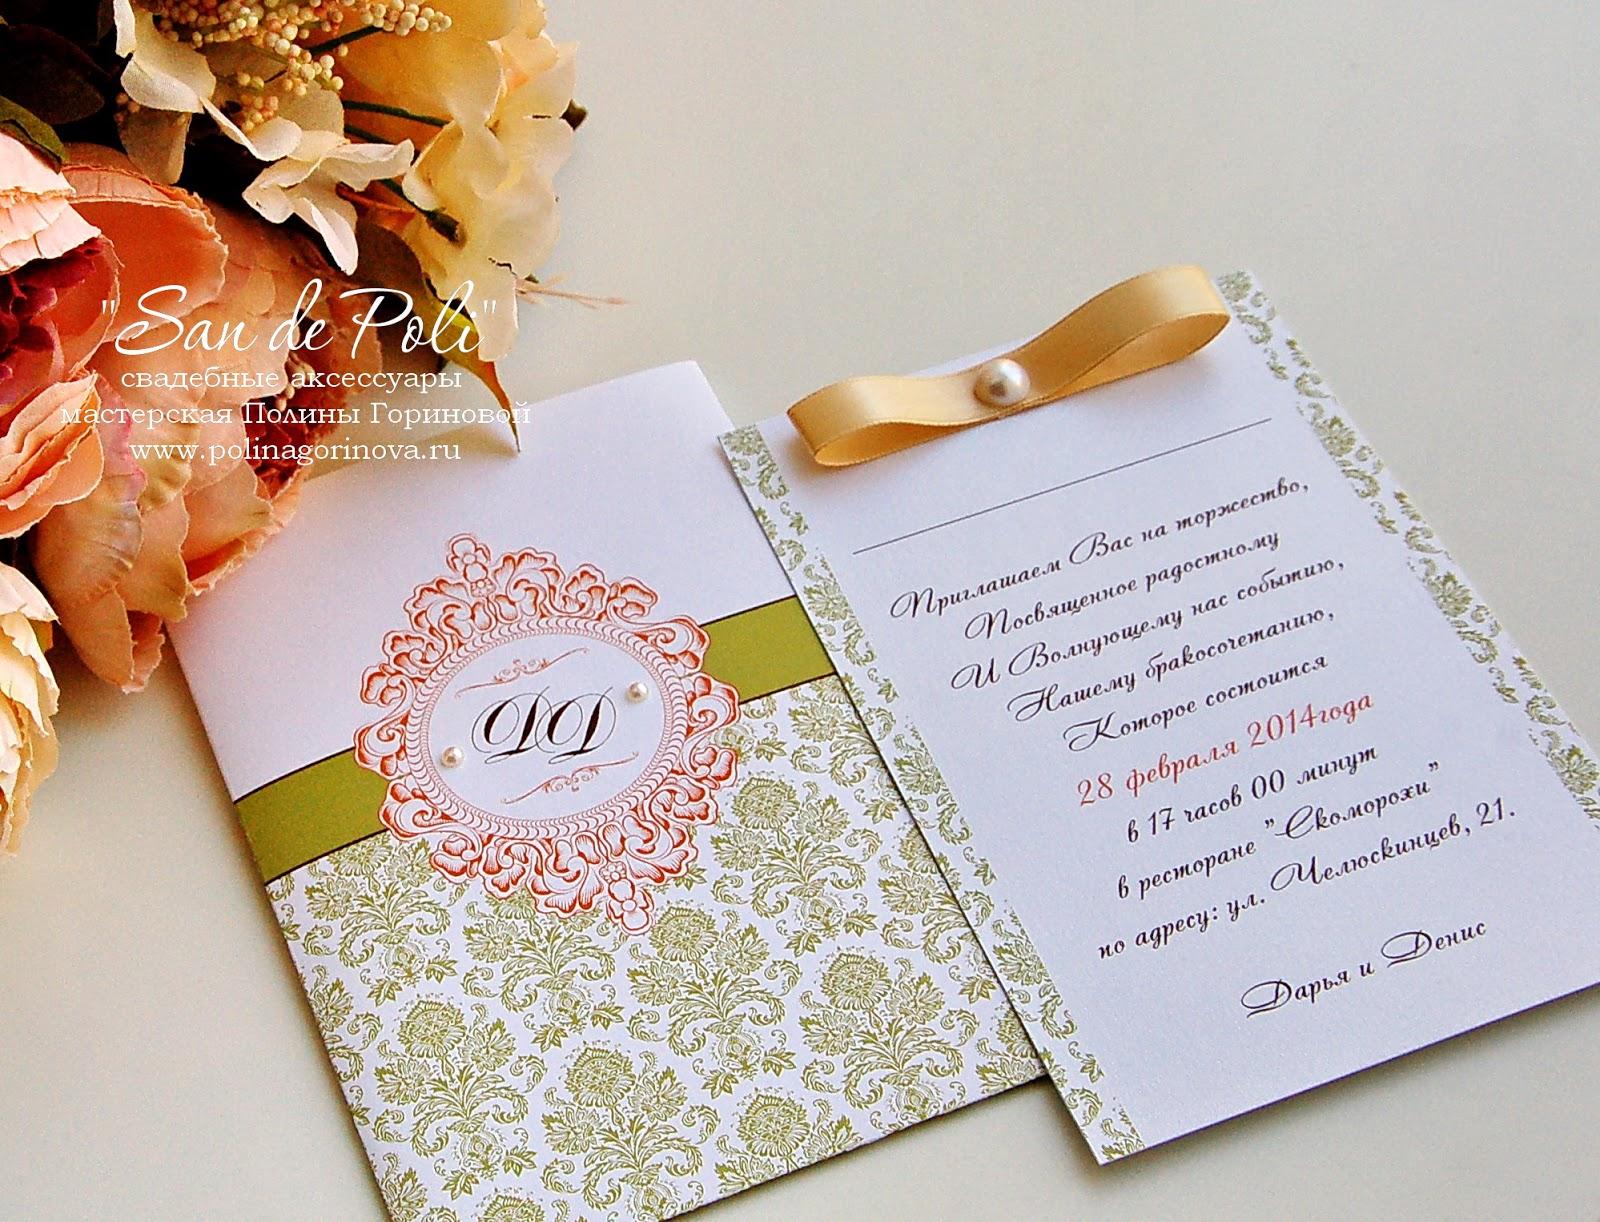 Цитаты на пригласительные на свадьбу